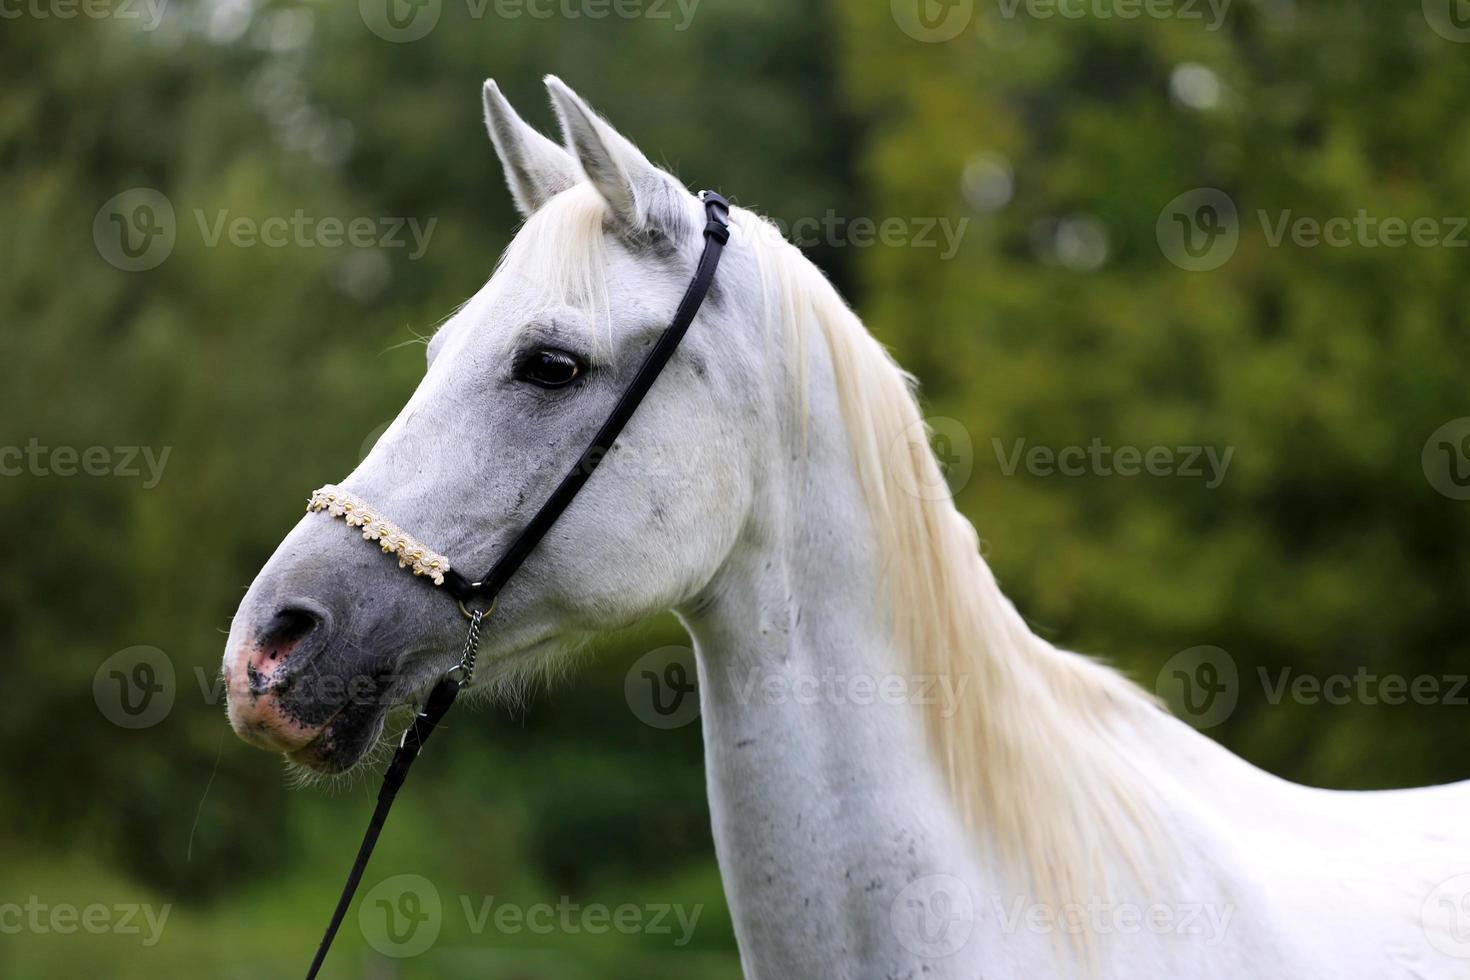 schöner reinrassiger Pferdekopf auf dem Bauernhof gegen natürlichen Rücken foto